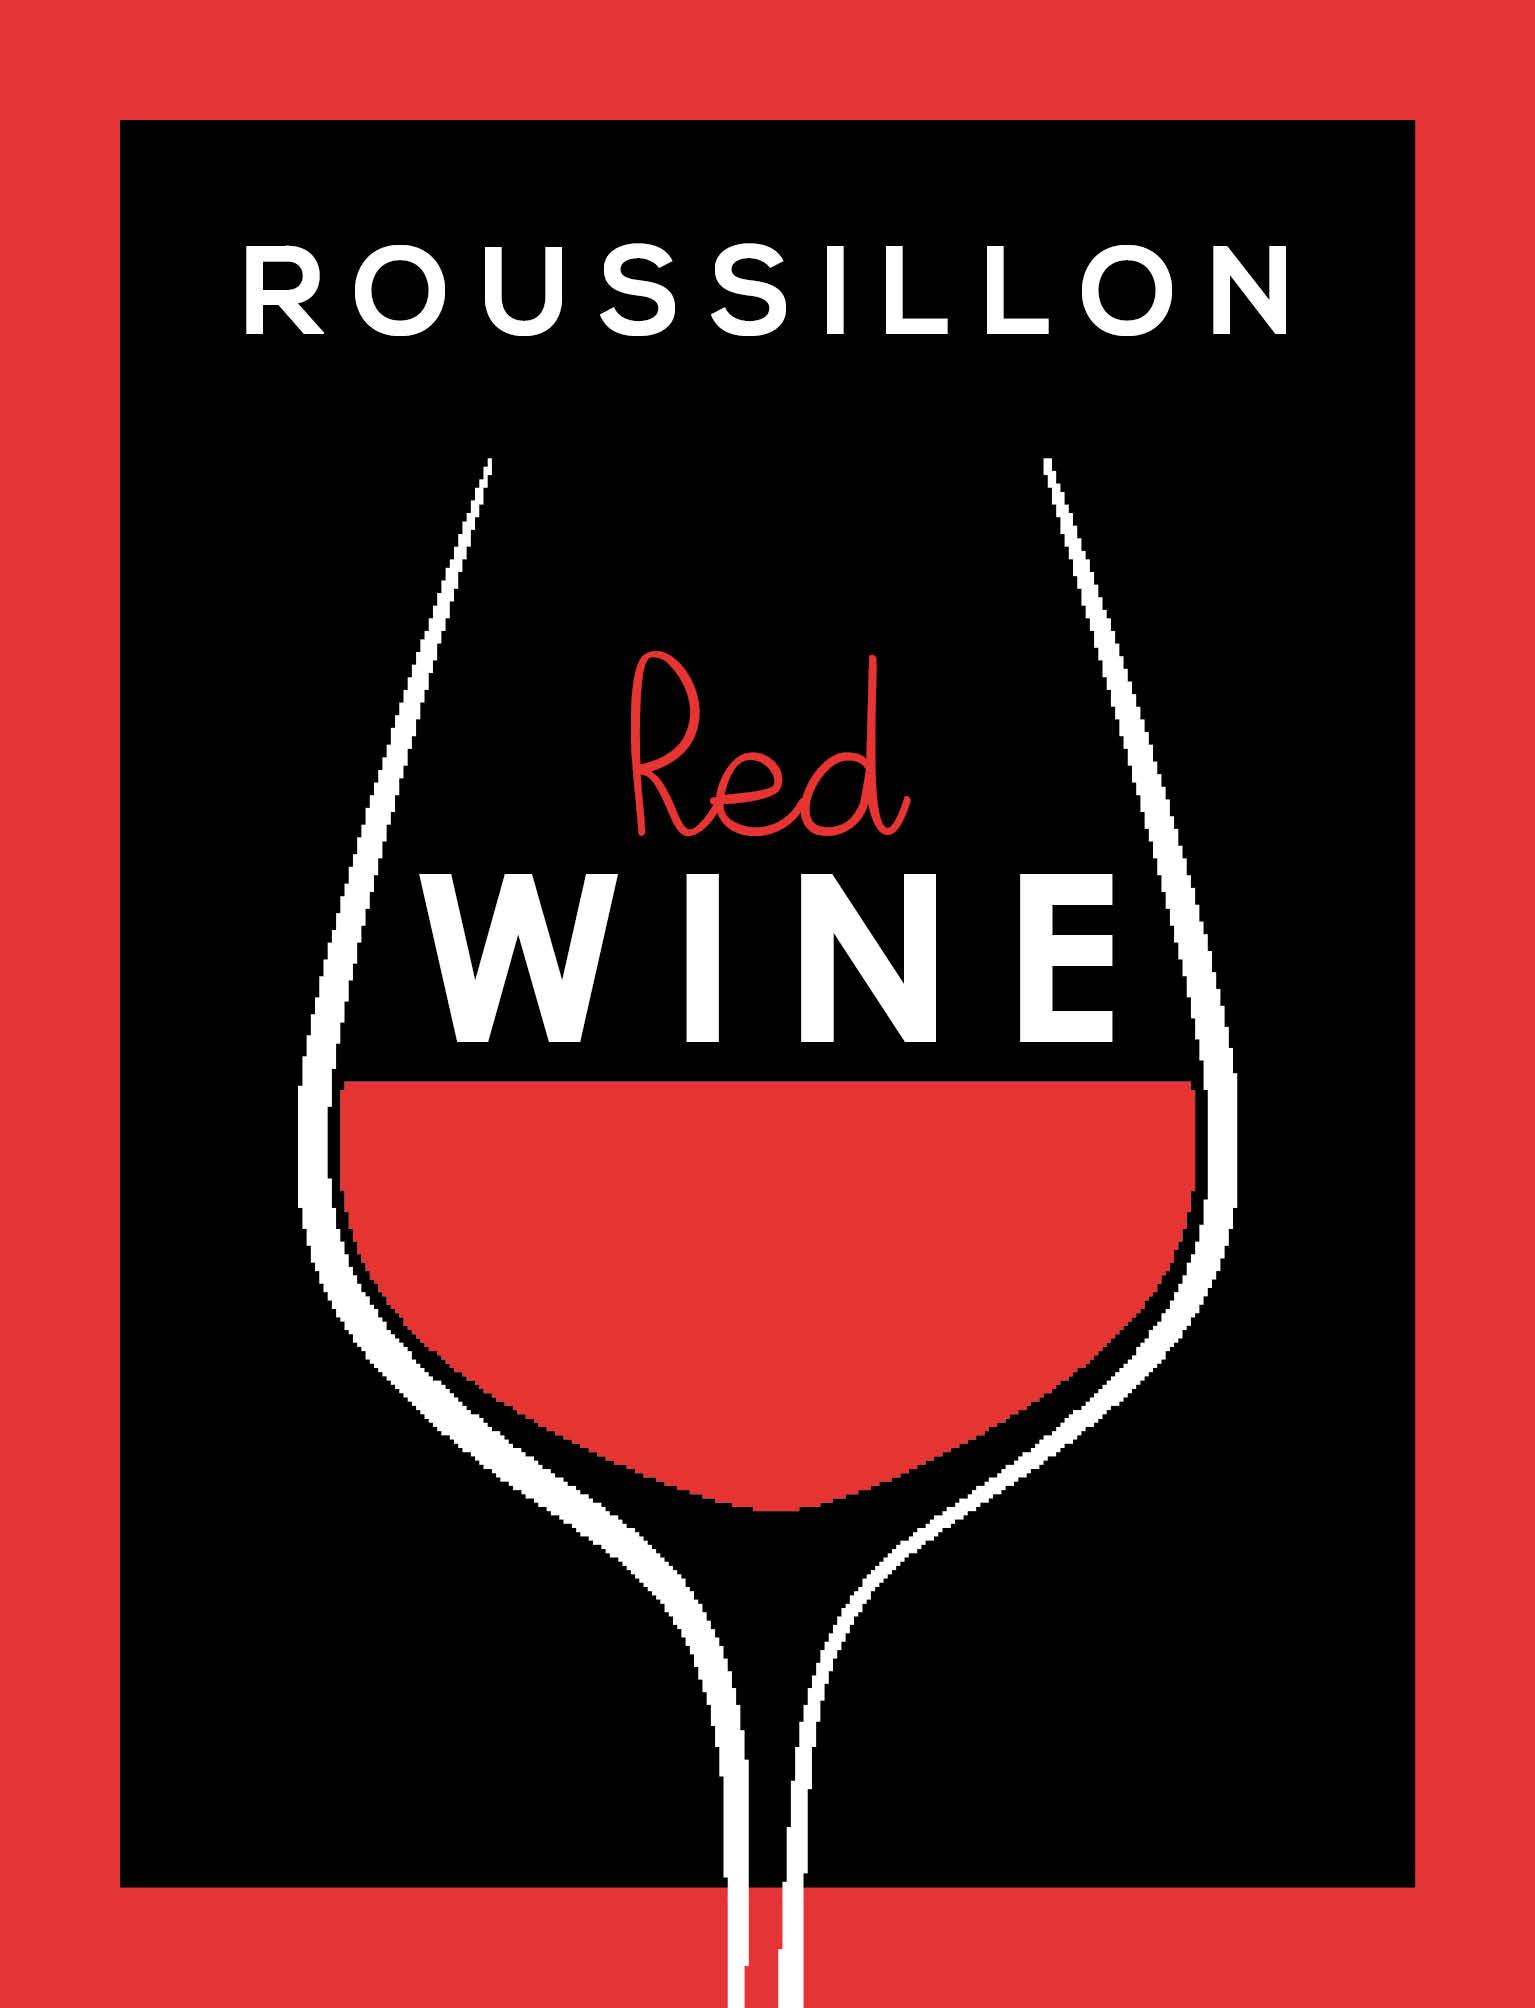 vin rouge roussillon